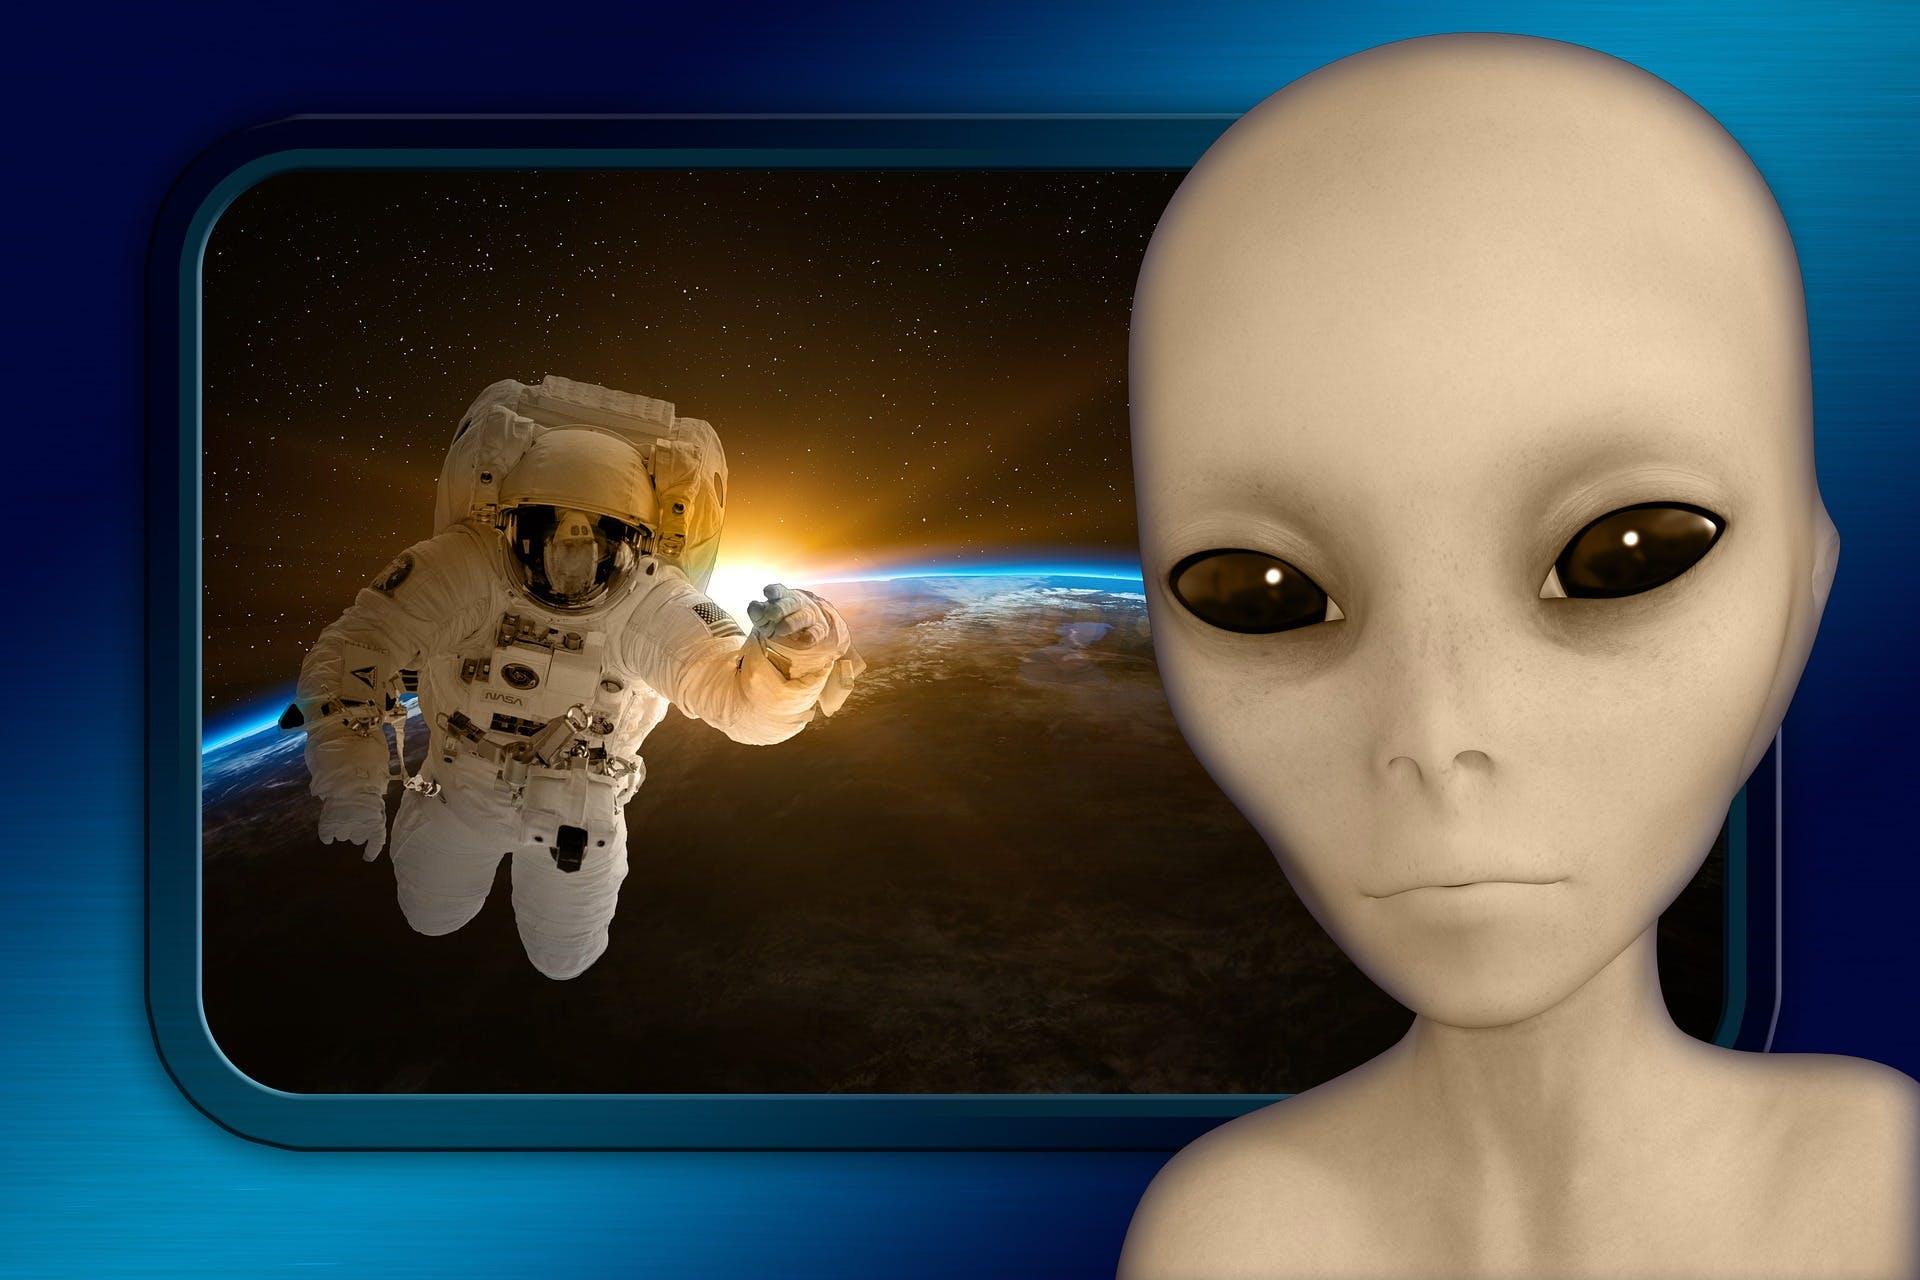 An astronaut approaching an alien spacecraft